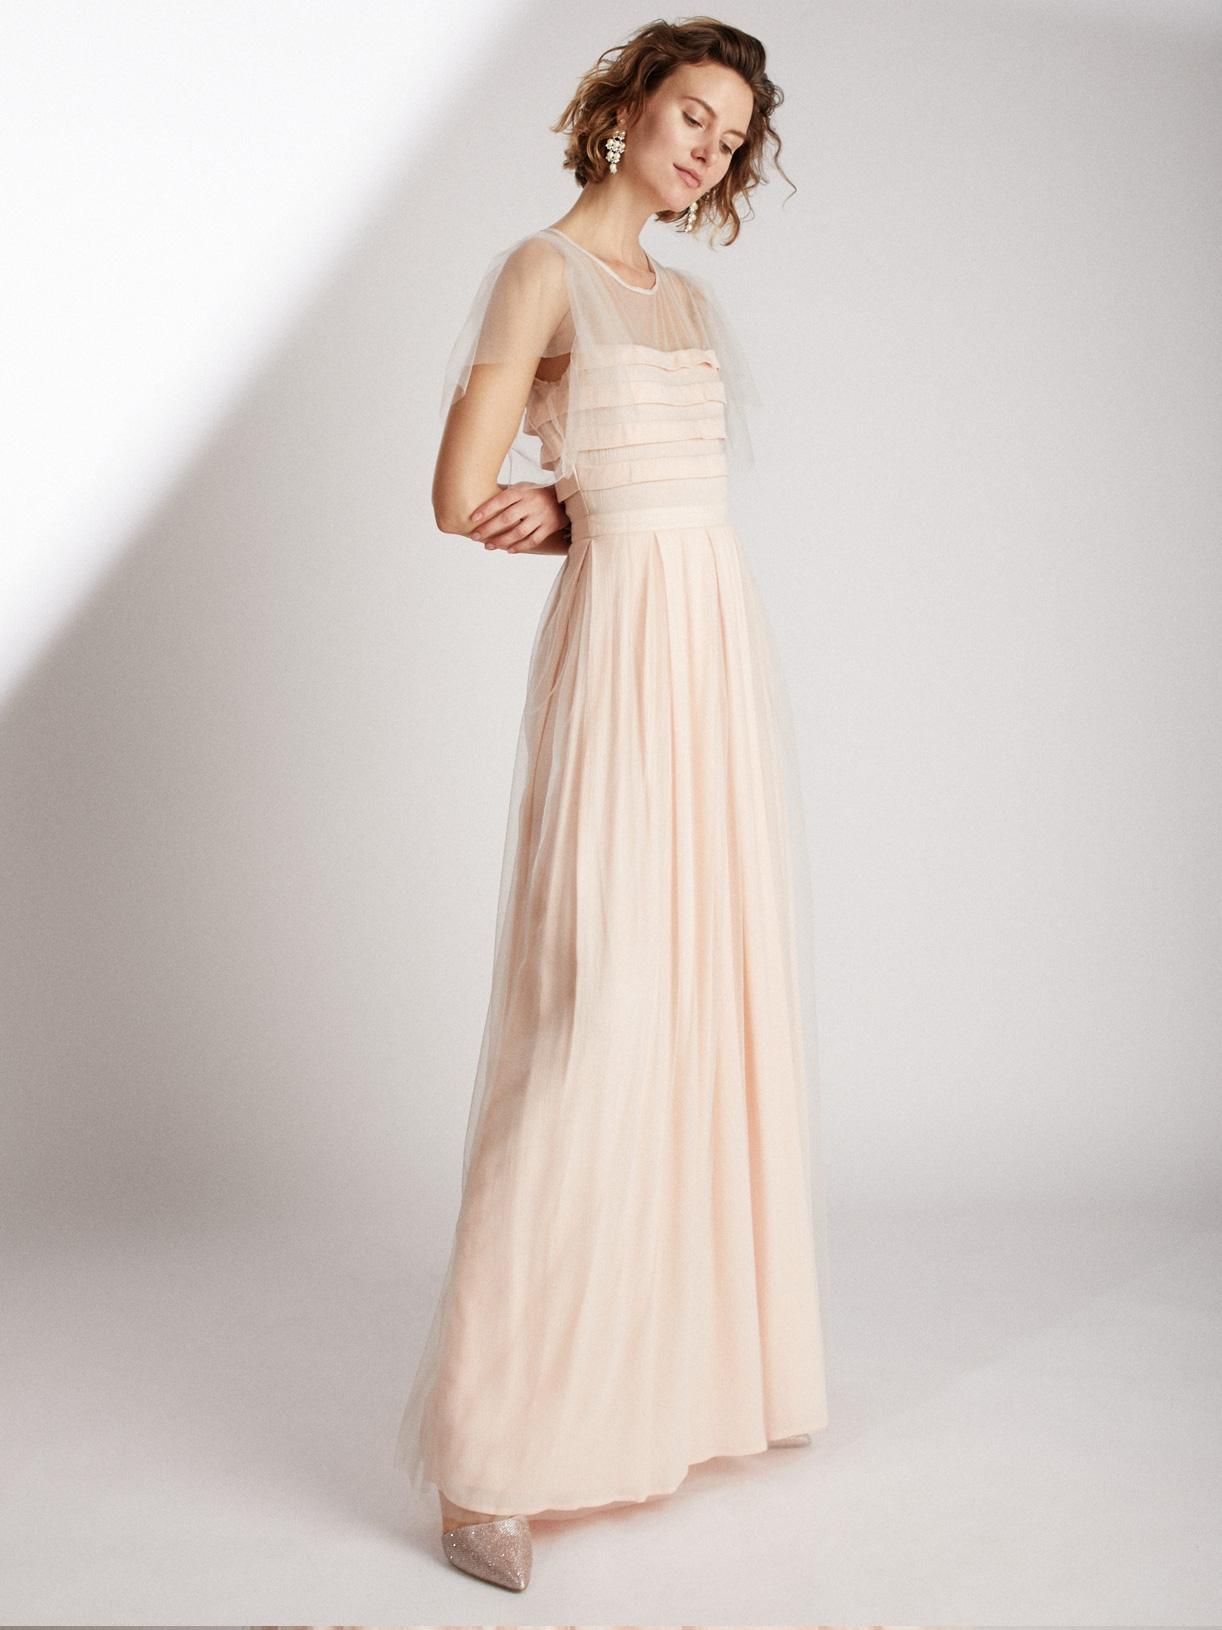 Robe de mariée colorée longue et écoresponsable - Creatrice de robe de mariée éthique et bio a Paris - Myphilosophy